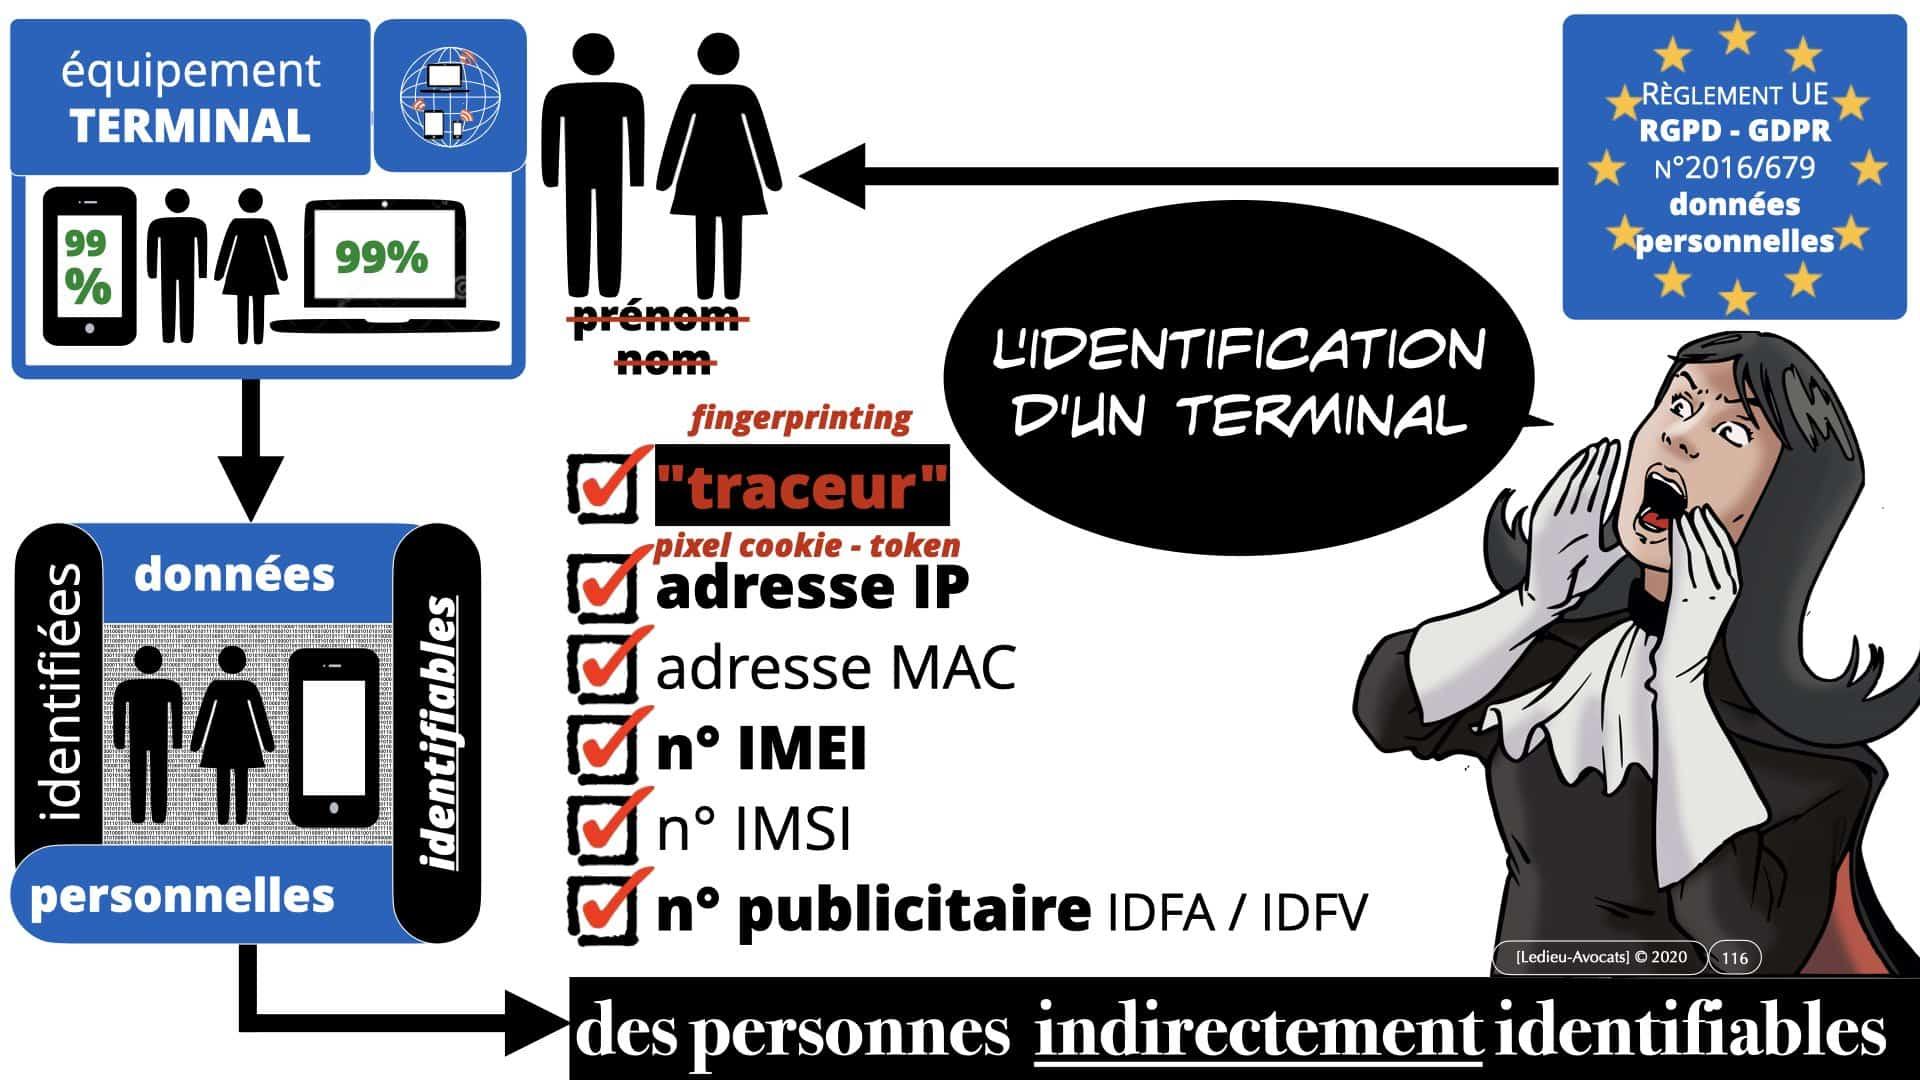 RGPD e-Privacy données personnelles jurisprudence formation Lamy Les Echos 10-02-2021 ©Ledieu-Avocats.116